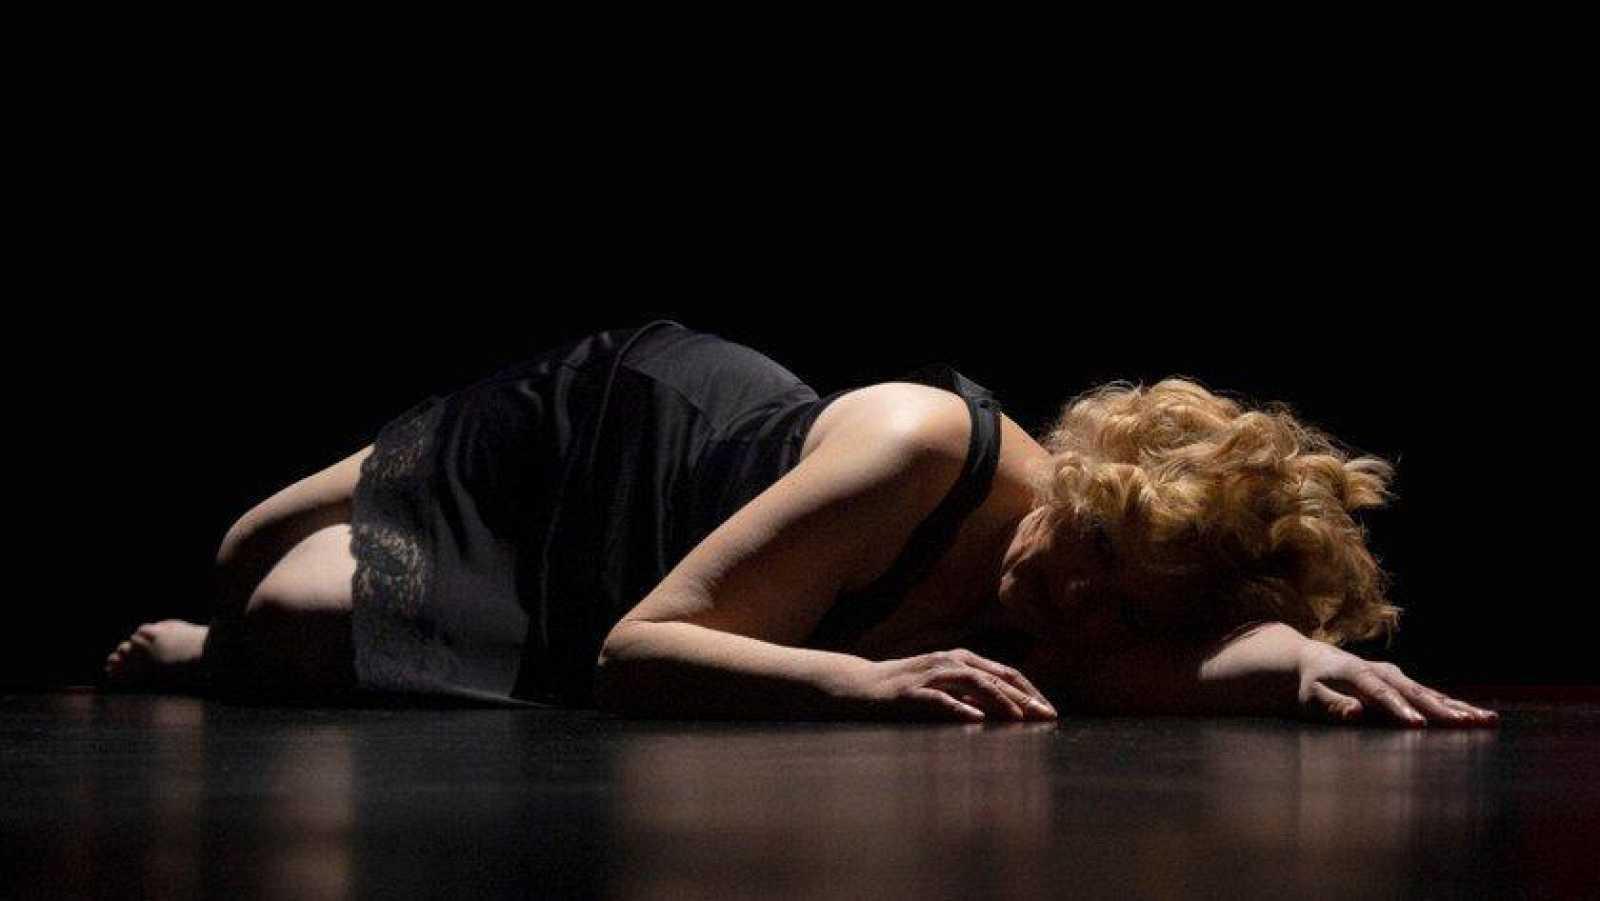 Artesfera - Sin hogarismo y violencia de género en tiempos de COVID - 25/11/20 - Escuchar ahora